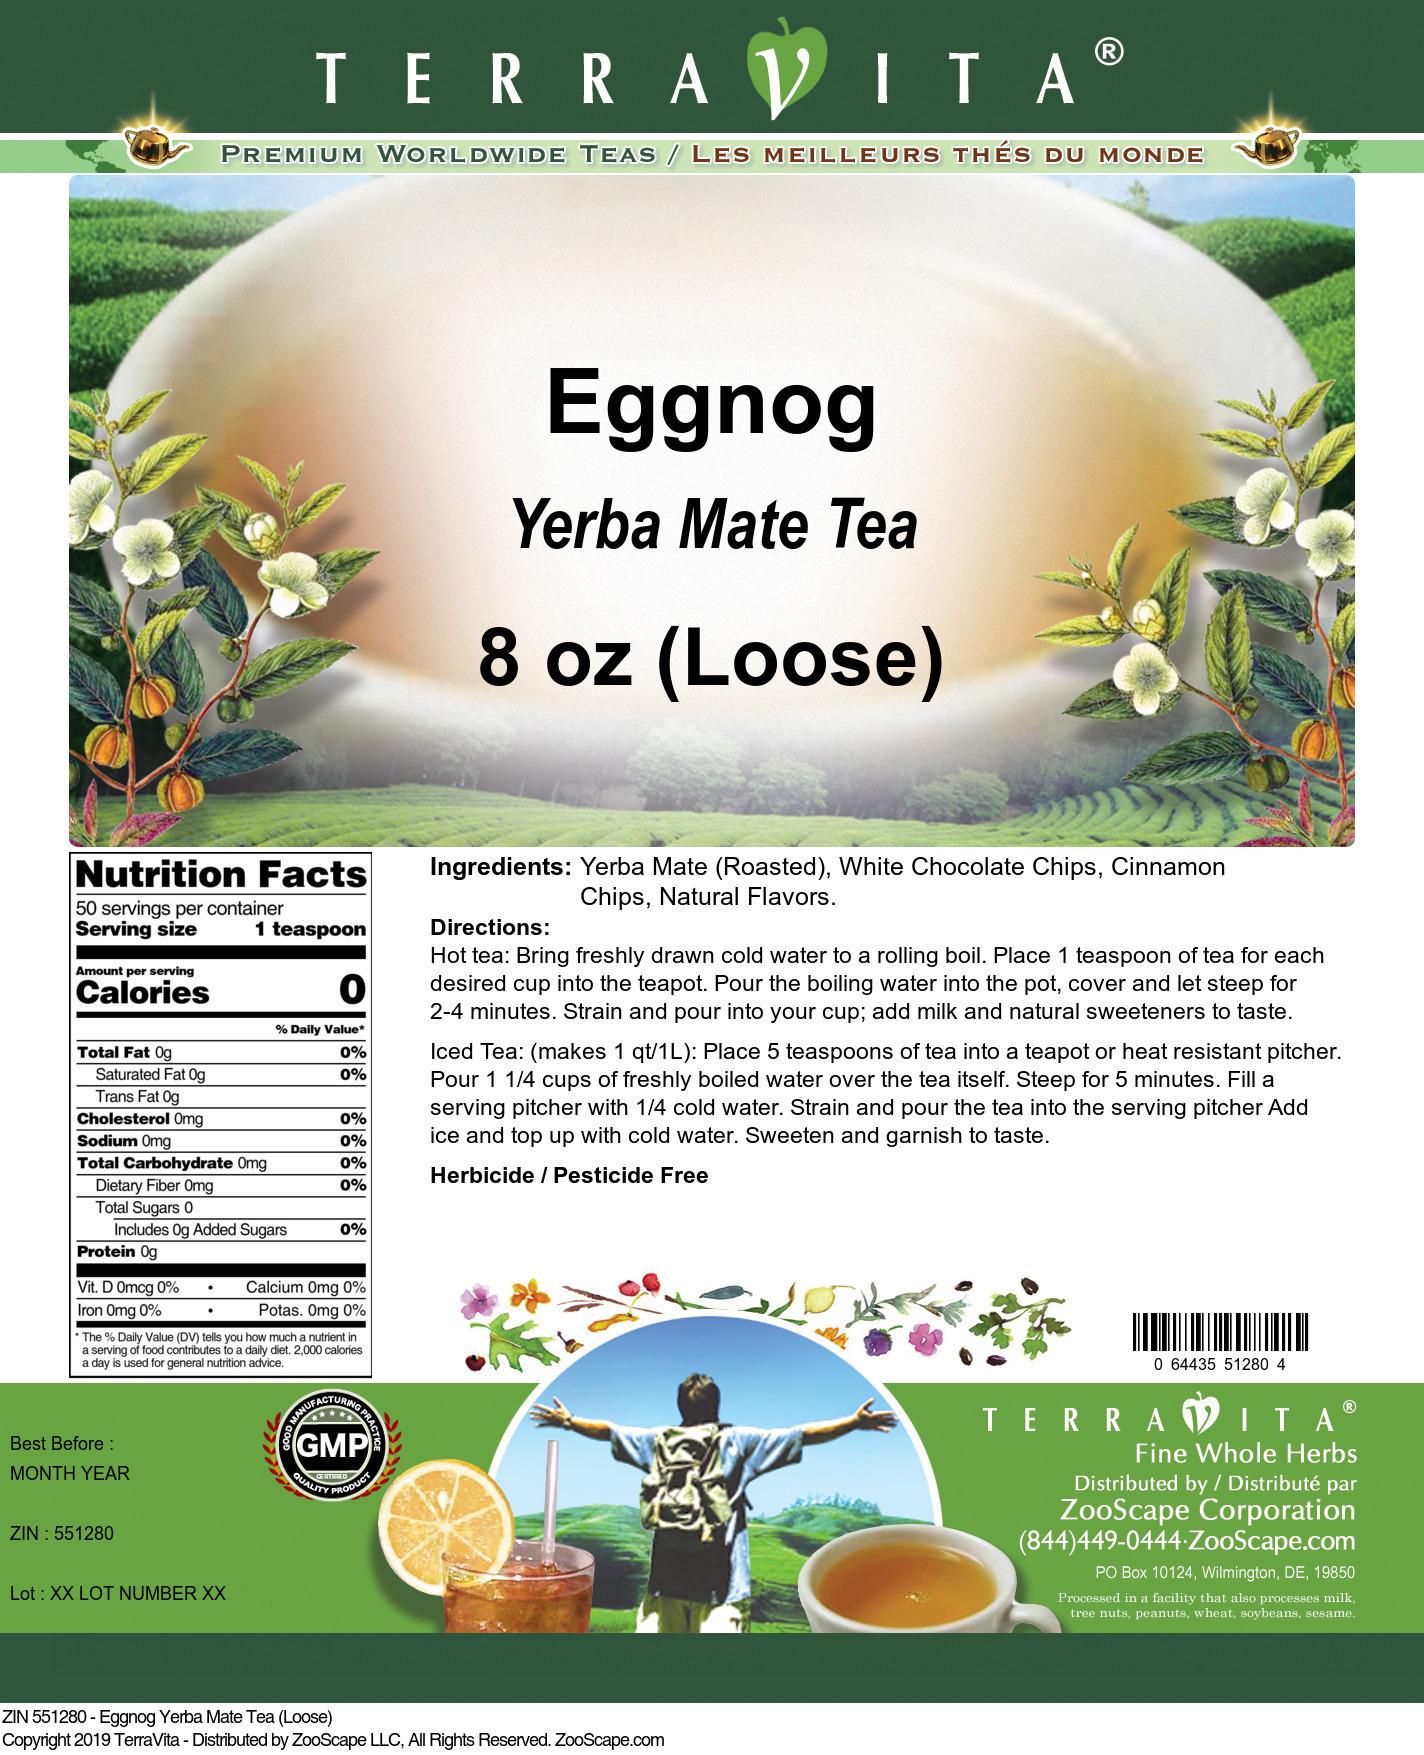 Eggnog Yerba Mate